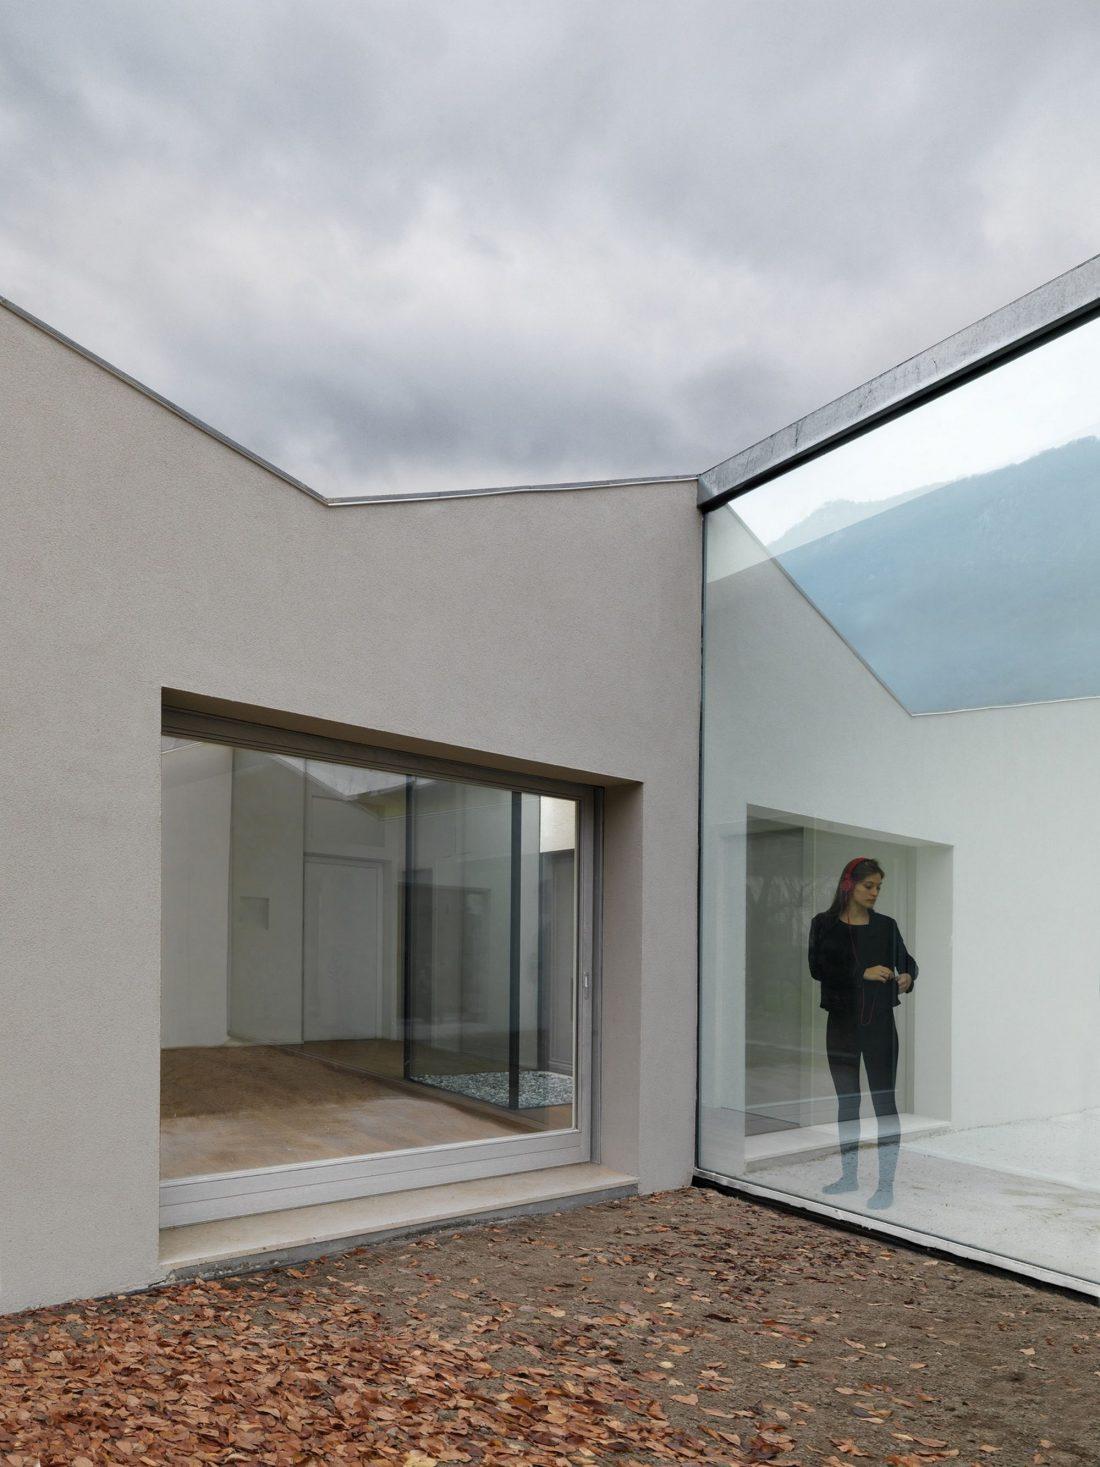 seryj-granitnyj-dom-ot-studii-ifdesign-9